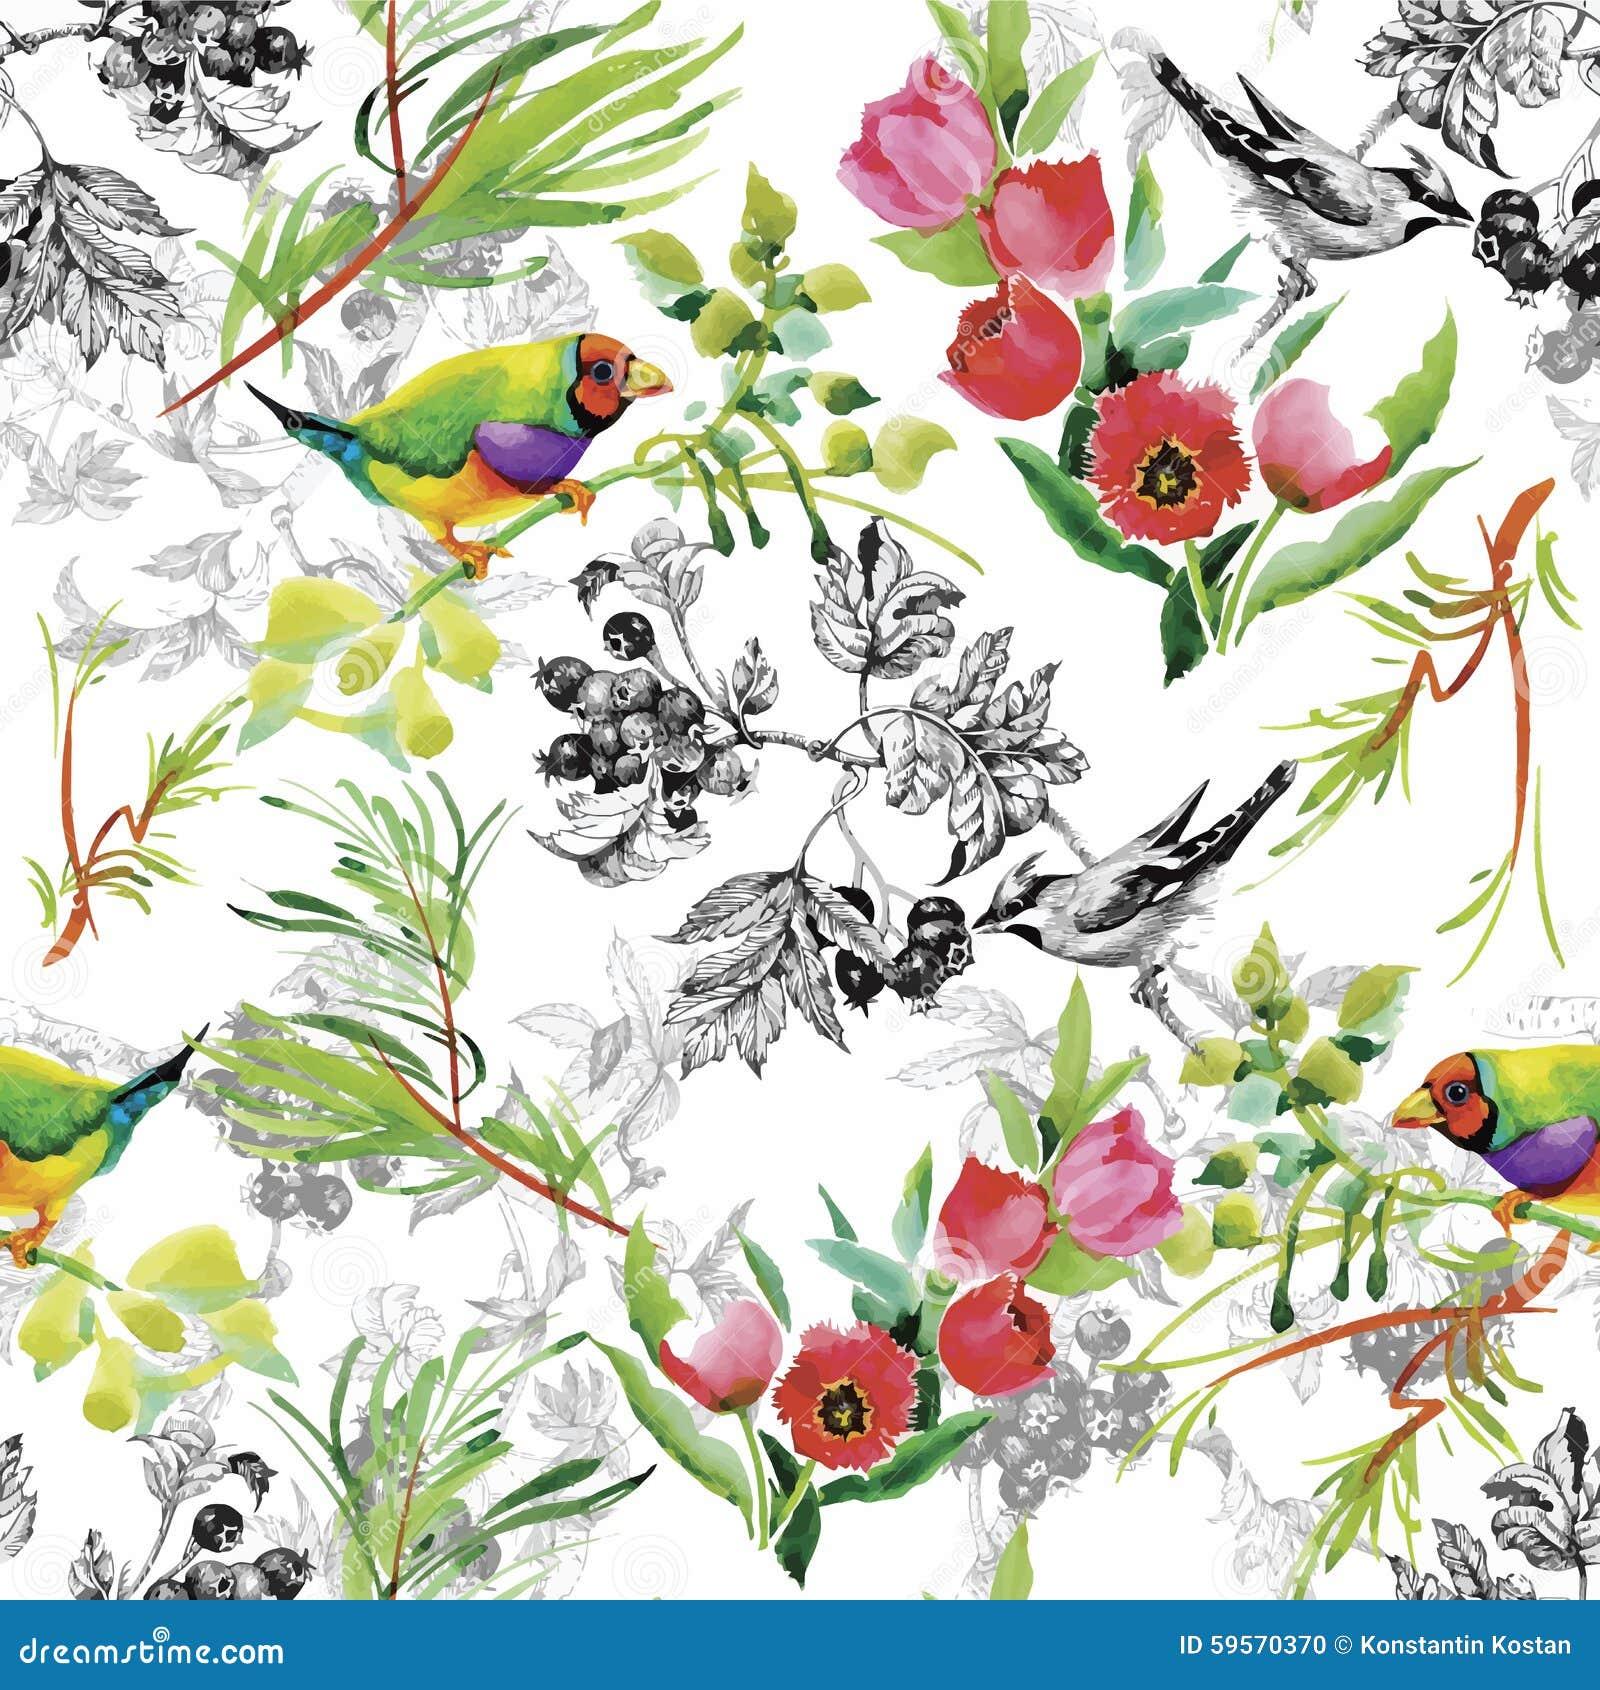 Wilde exotische Vögel des Aquarells auf nahtlosem Muster der Blumen auf weißem Hintergrund